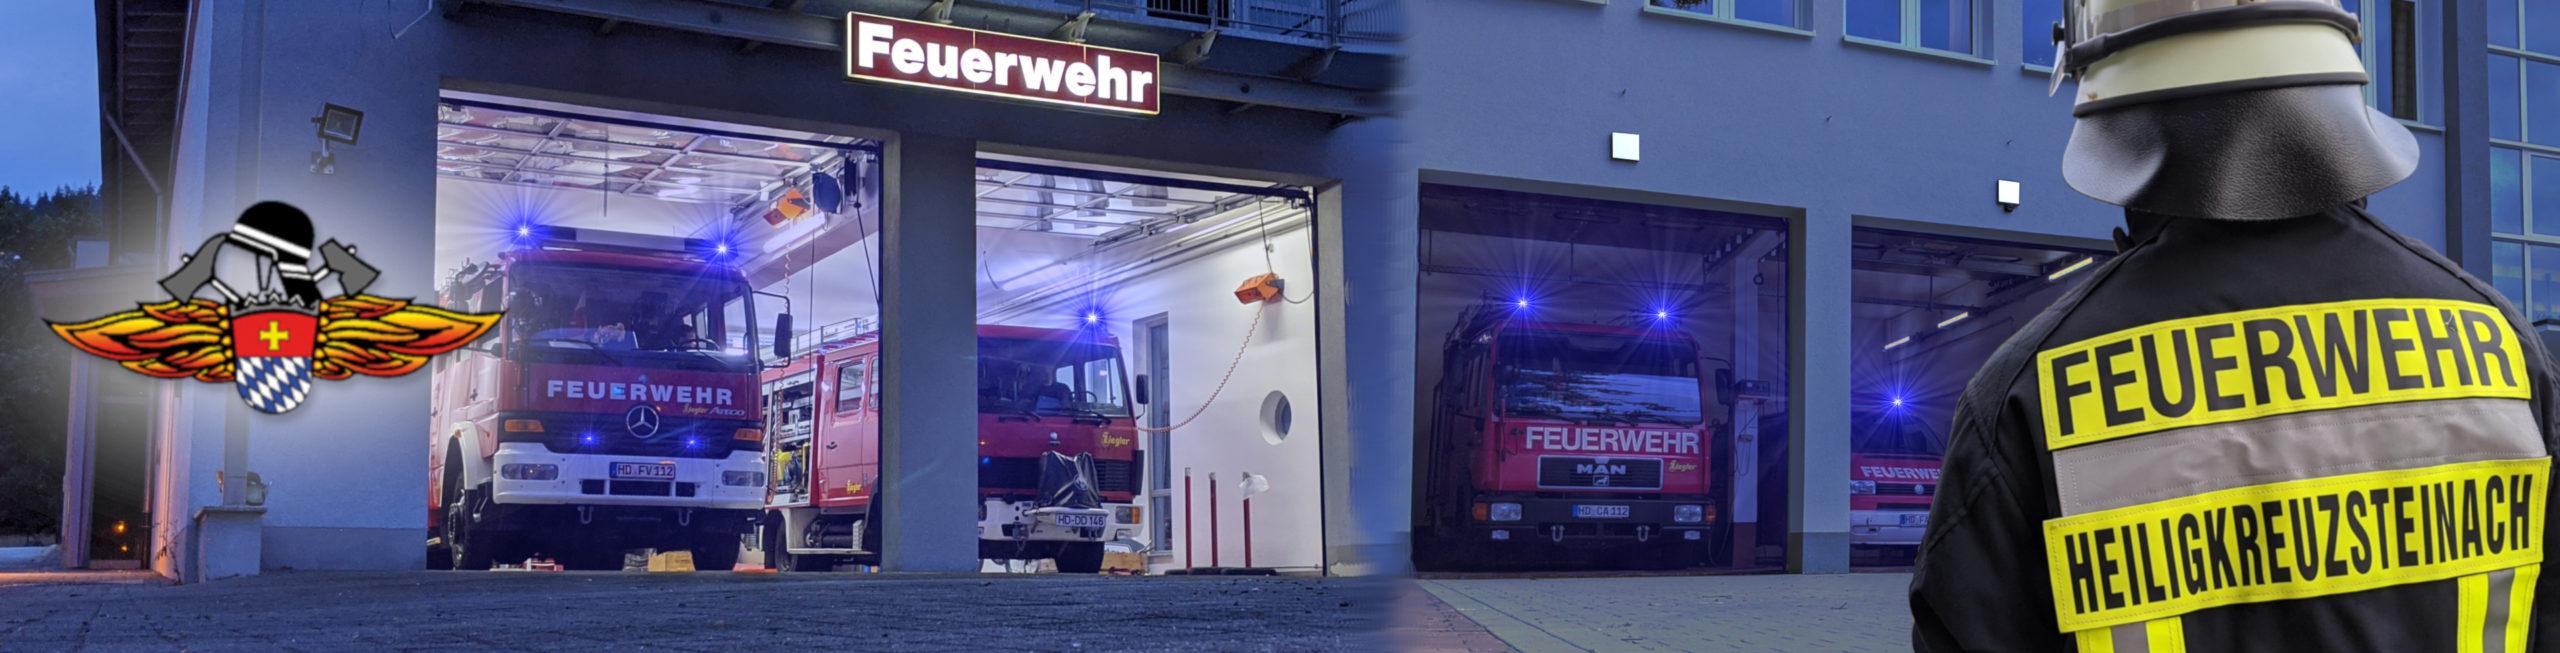 FFW Heiligkreuzsteinach